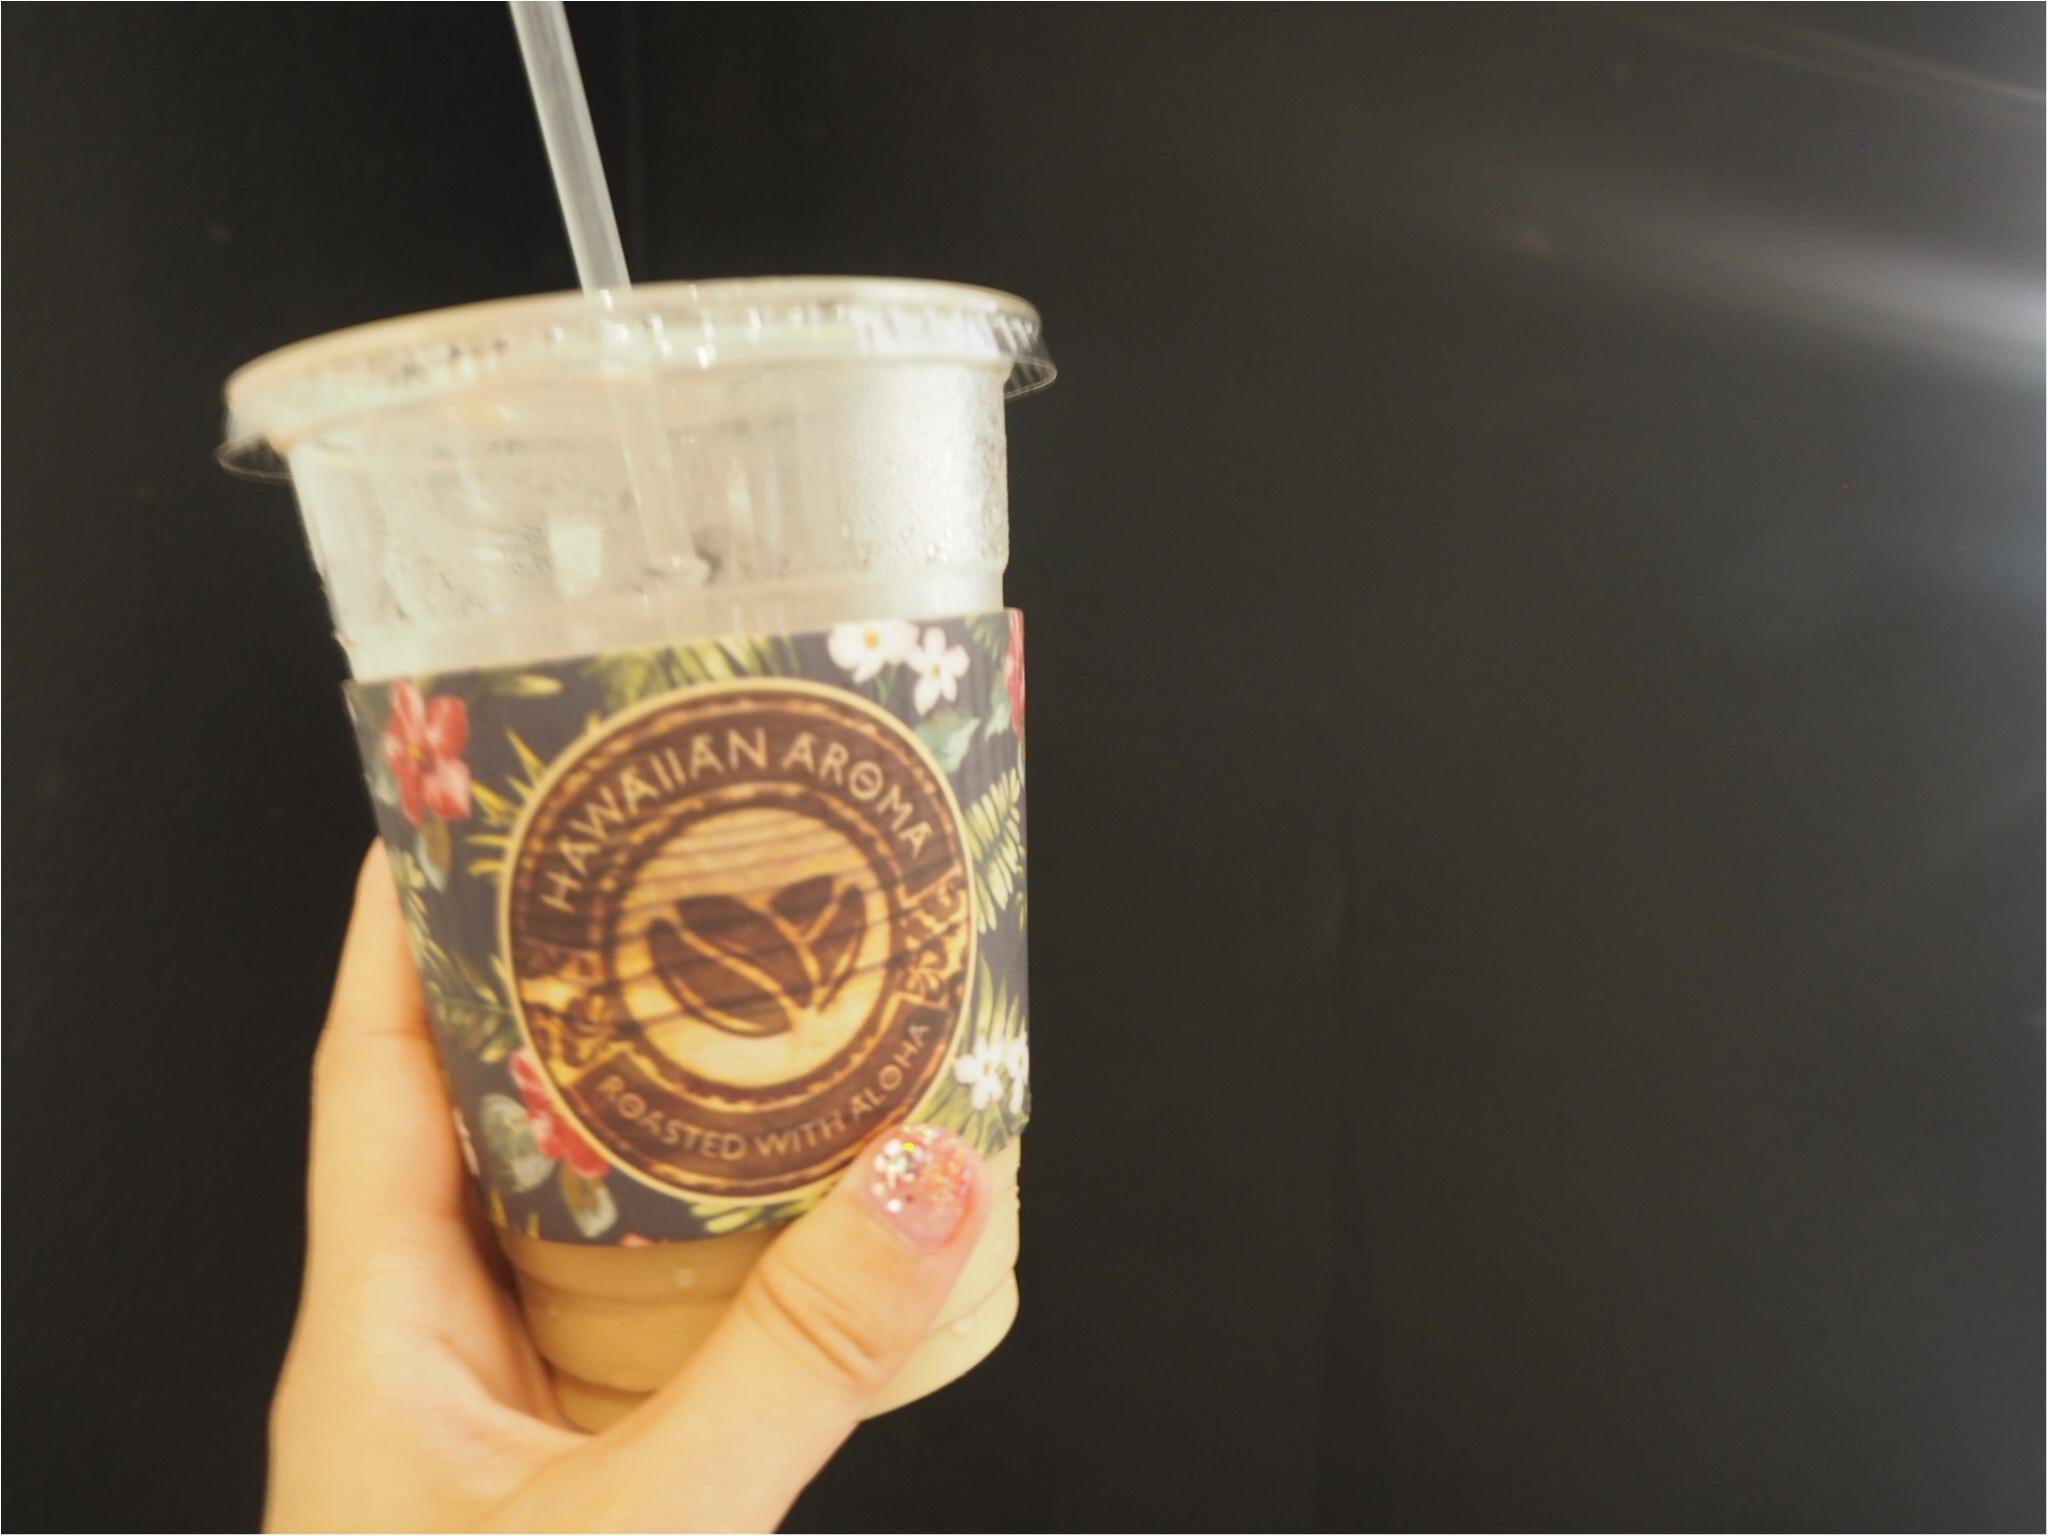 《今、ワイキキで一番オシャレでフォトジェニックなカフェ!》ハワイアン・アロマカフェでまったりブランチ♡♡(&旅行で役に立つプチ英語教室)_5